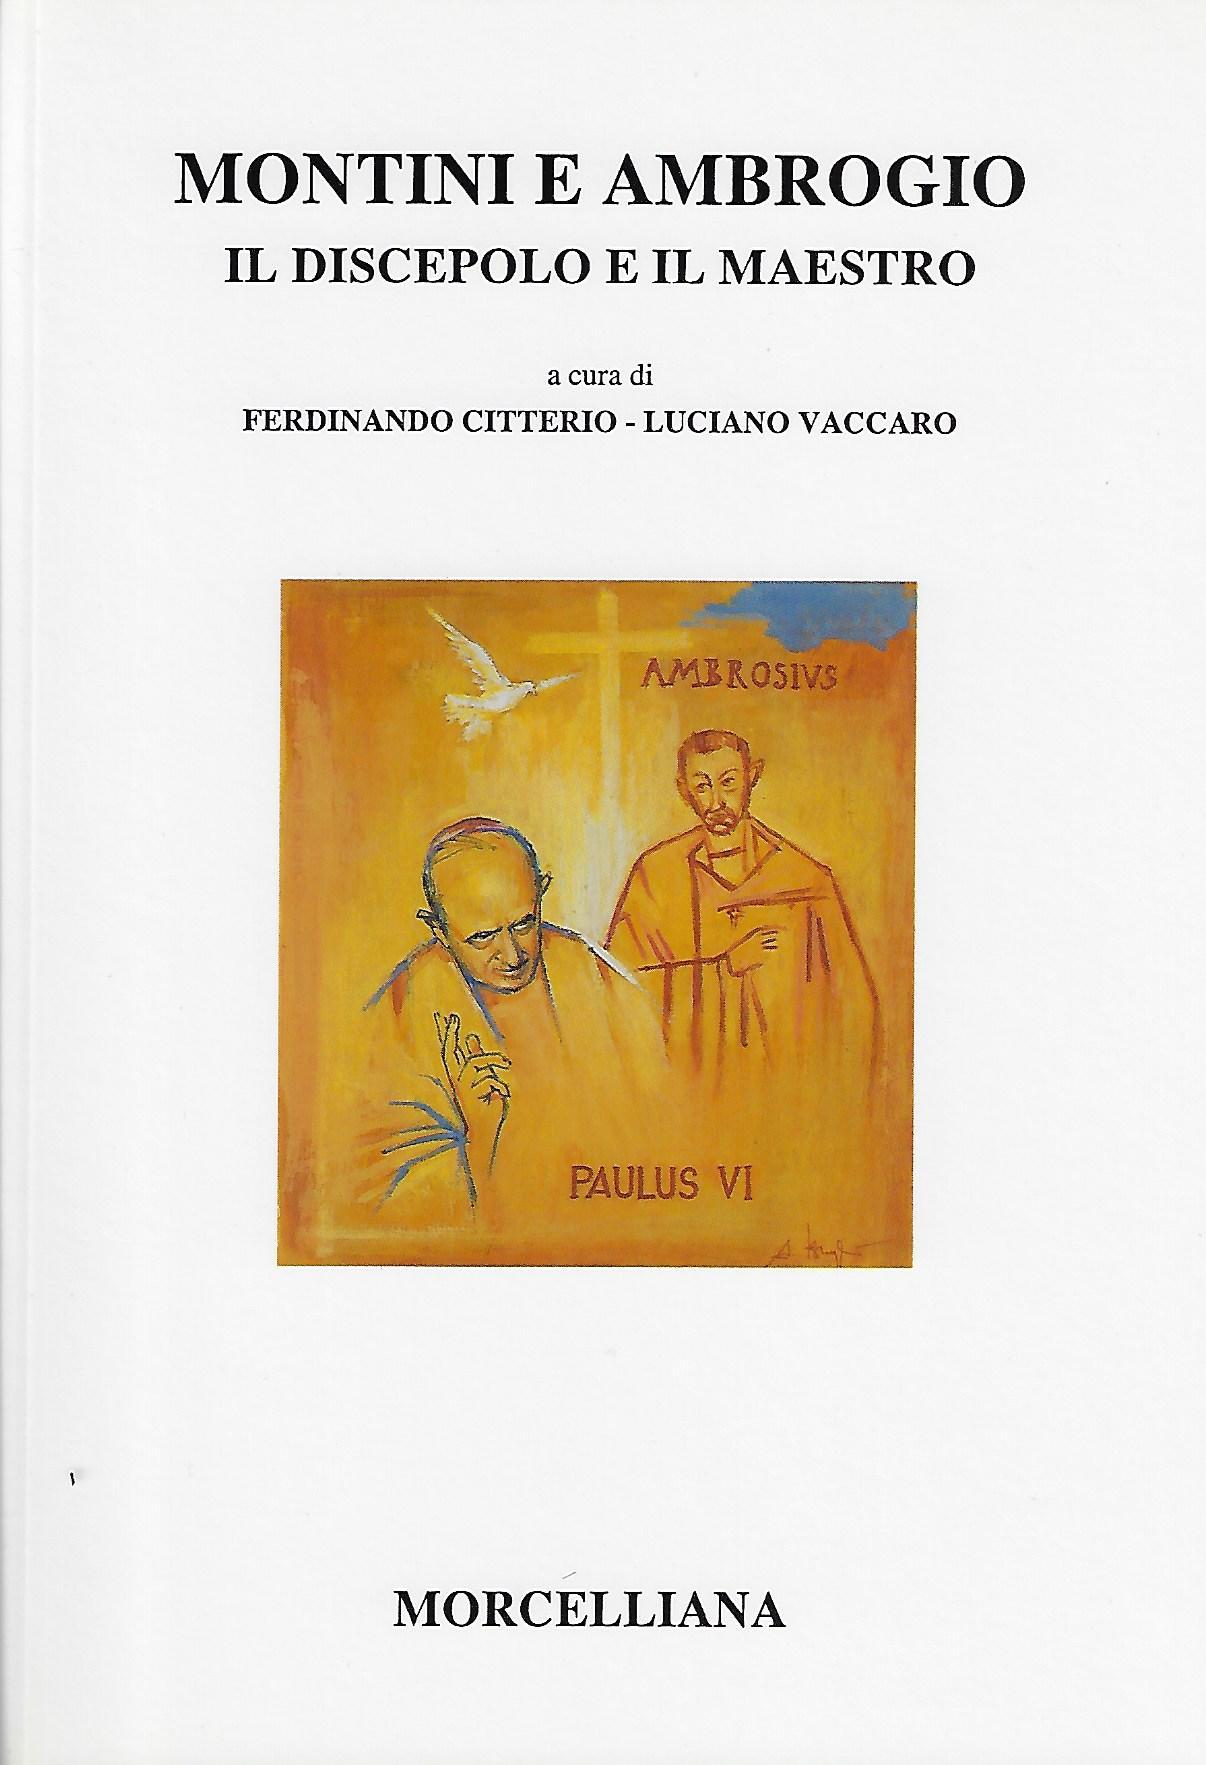 Montini e Ambrogio il discepolo ed il maestro